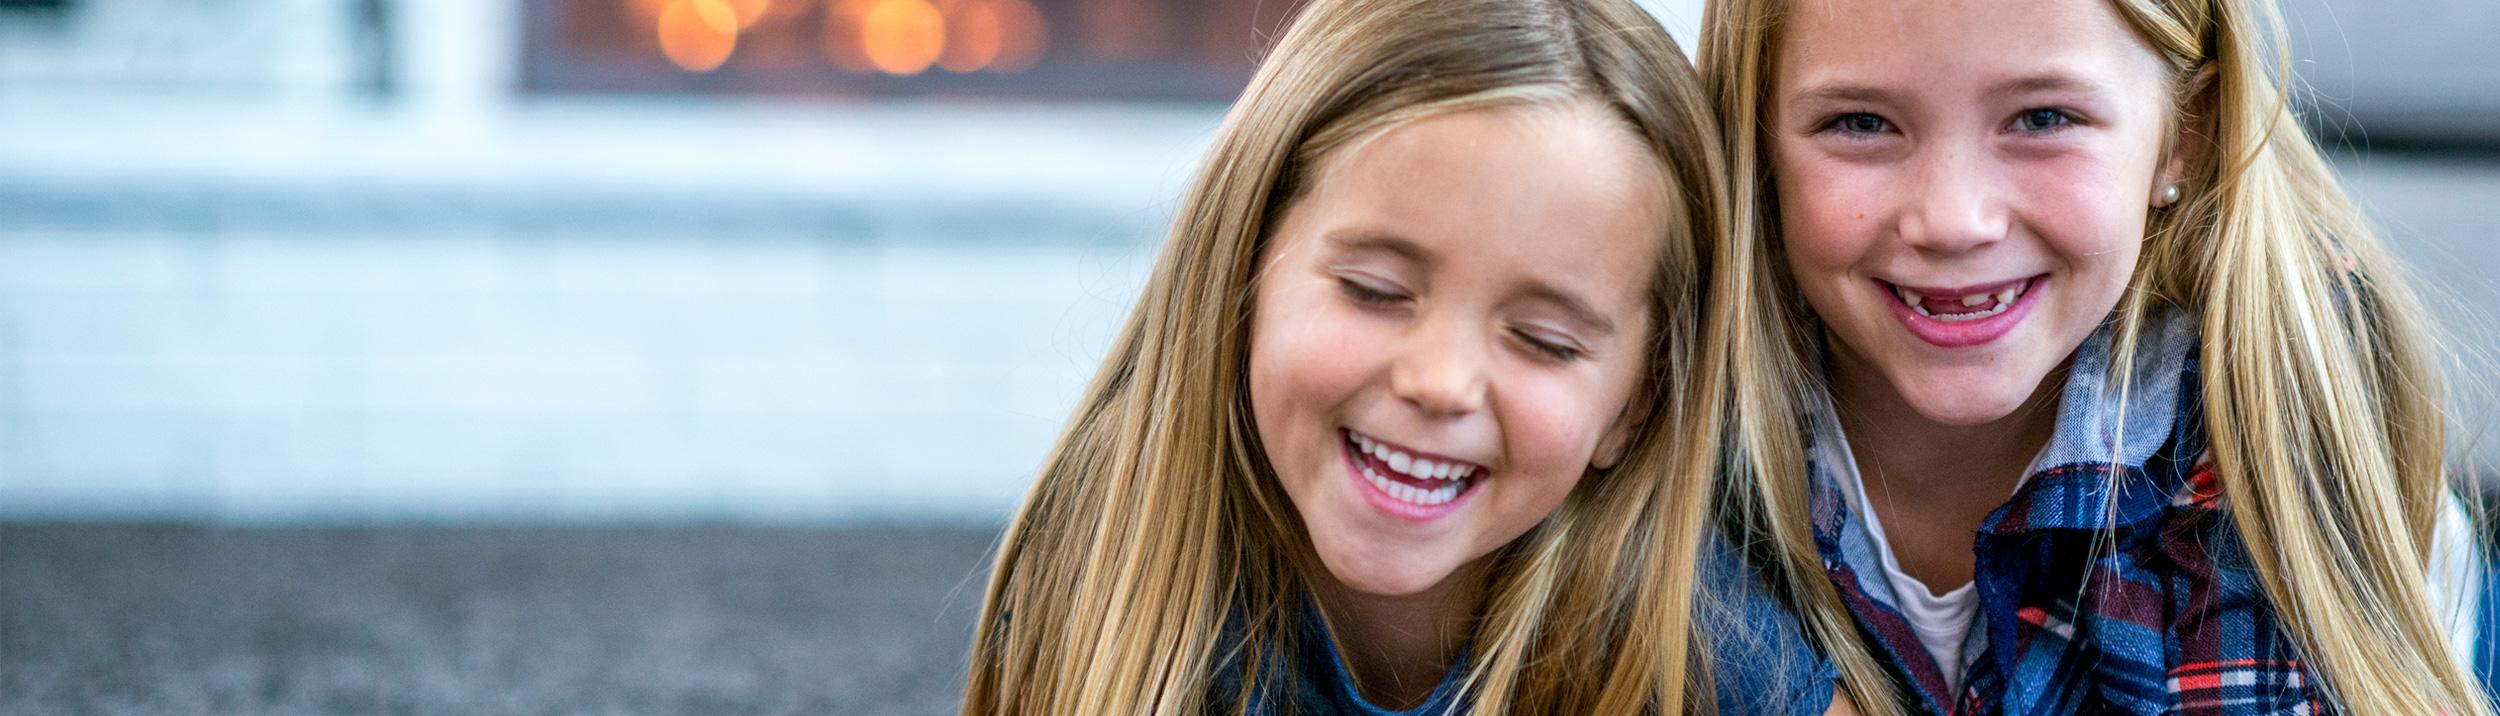 Zwei Mädchen spielen am Boden und lächeln. Dank der Firma Urs Metzger AG geniessen Sie ein schön warmes Zuhause.